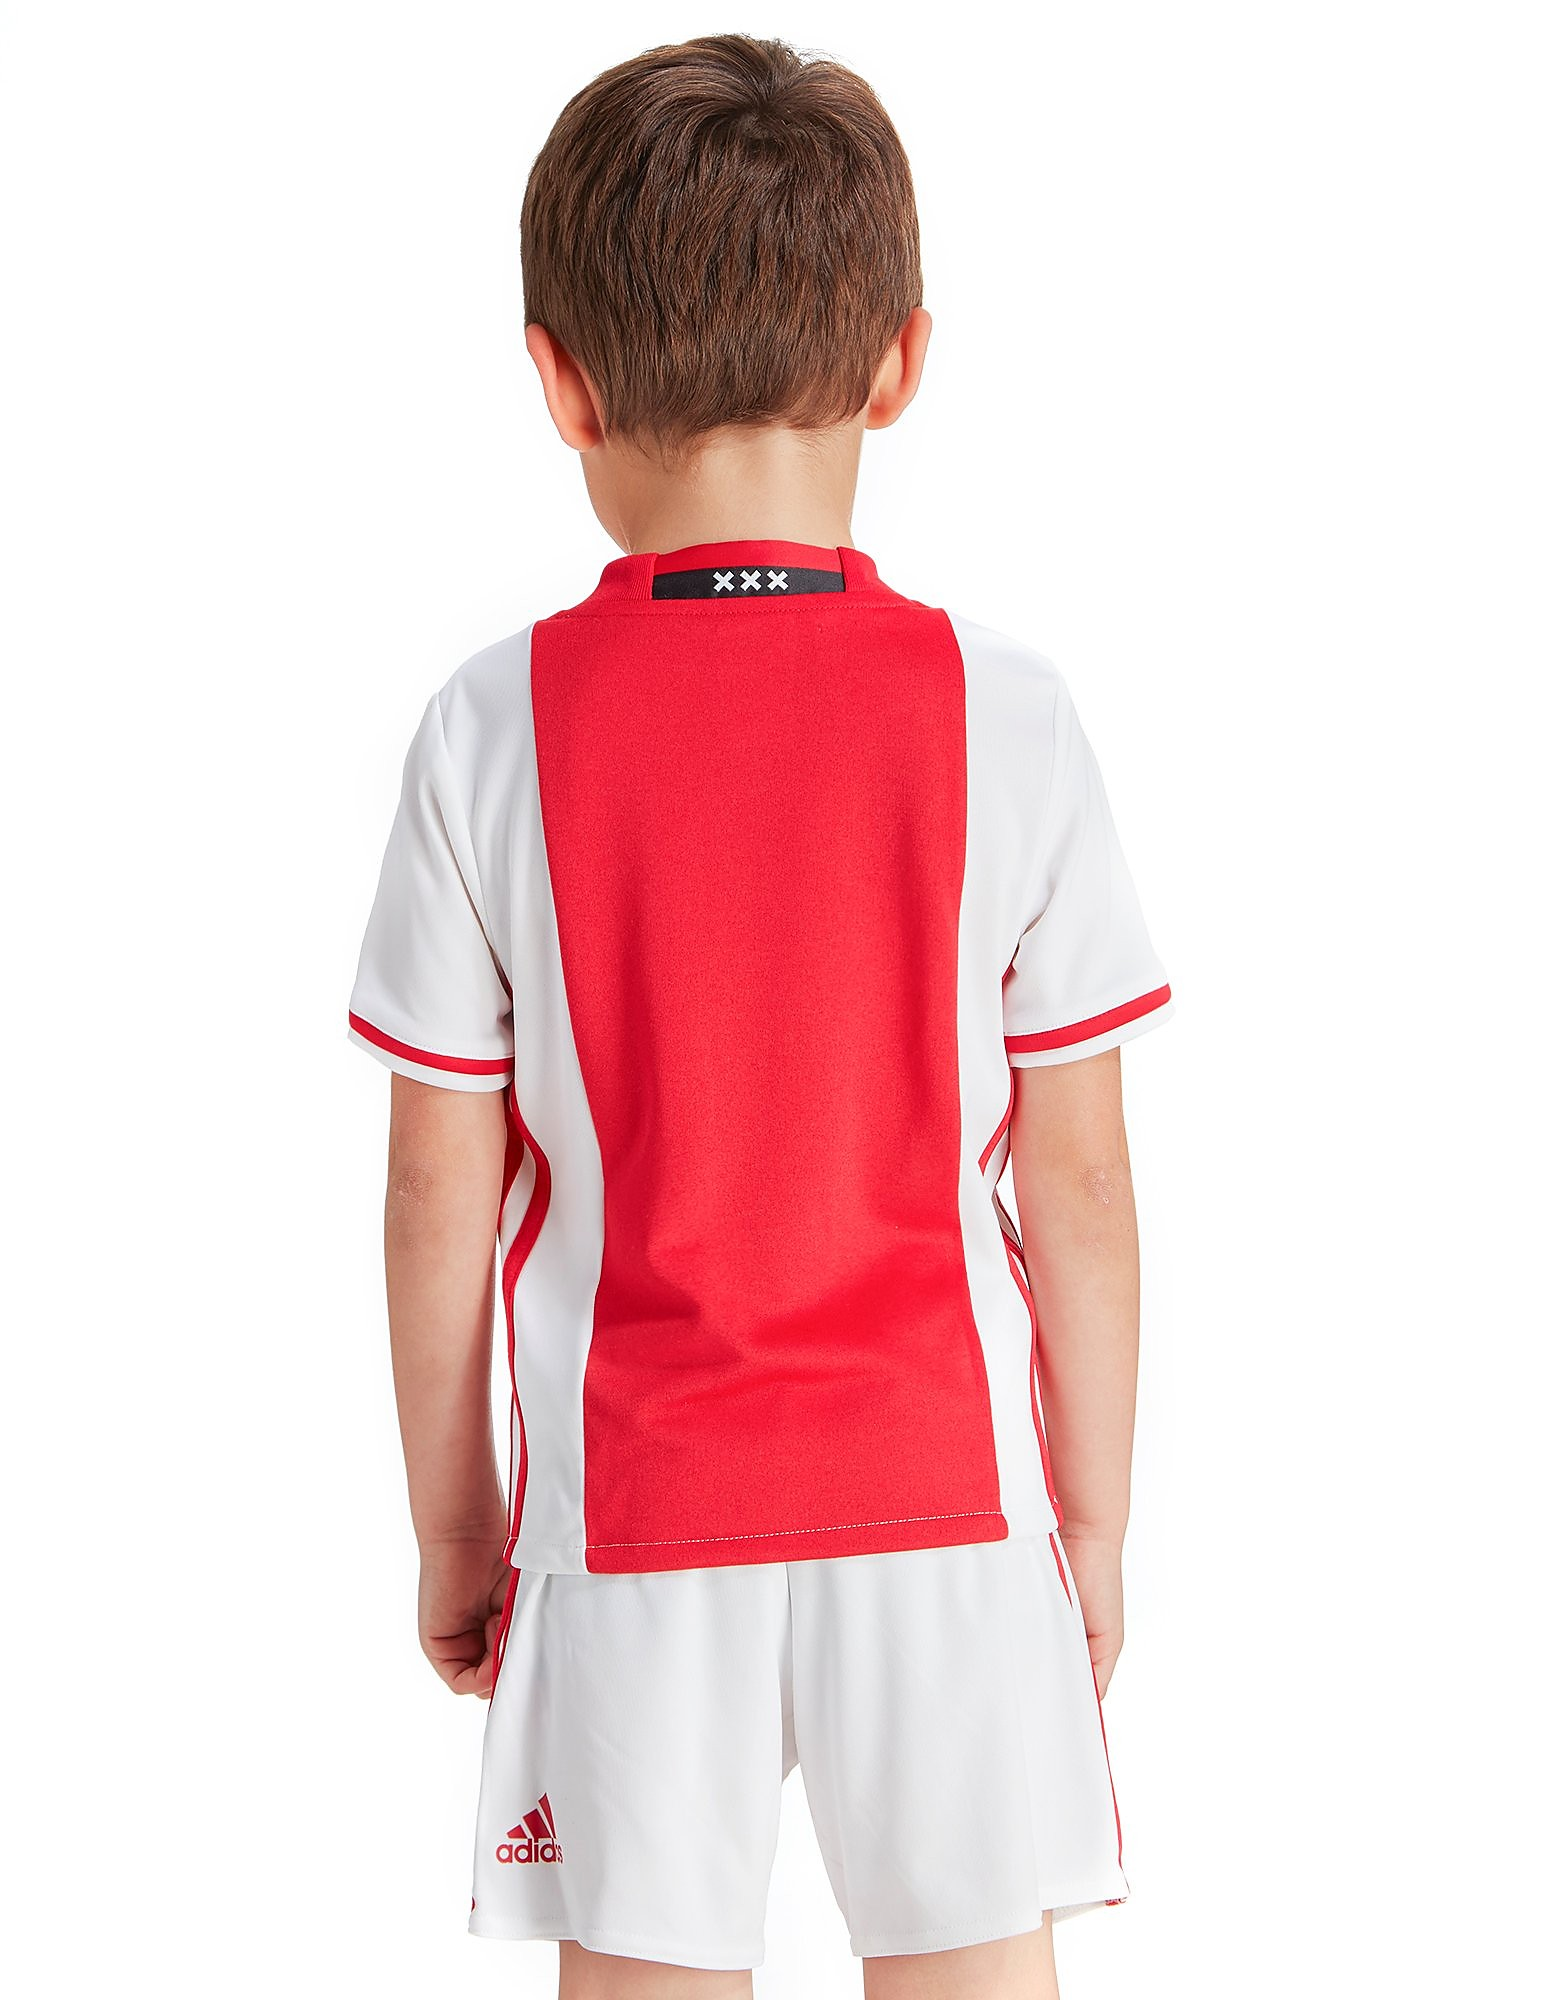 adidas Ajax 2016/17-thuistenue voor kinderen